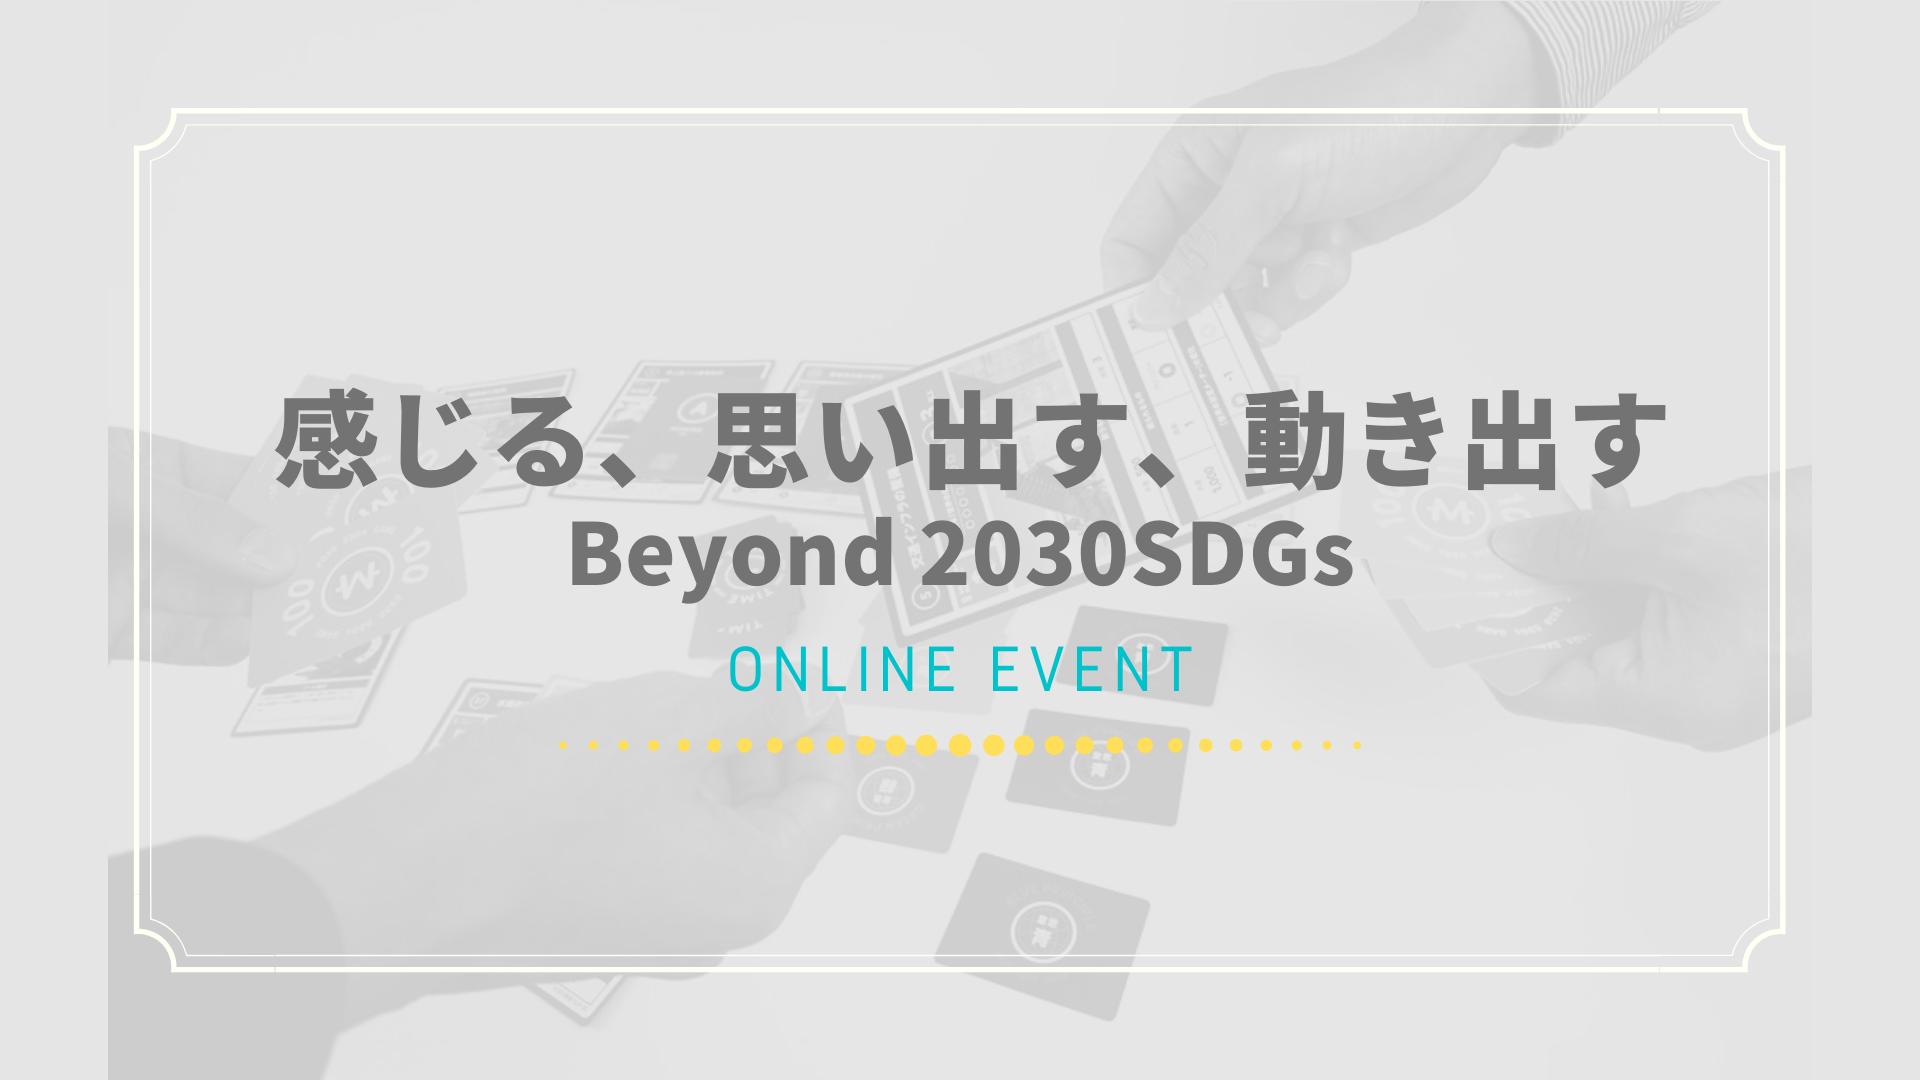 【イマココラボ主催】感じる、思い出す、動き出す ~Beyond 2030SDGs~@オンライン